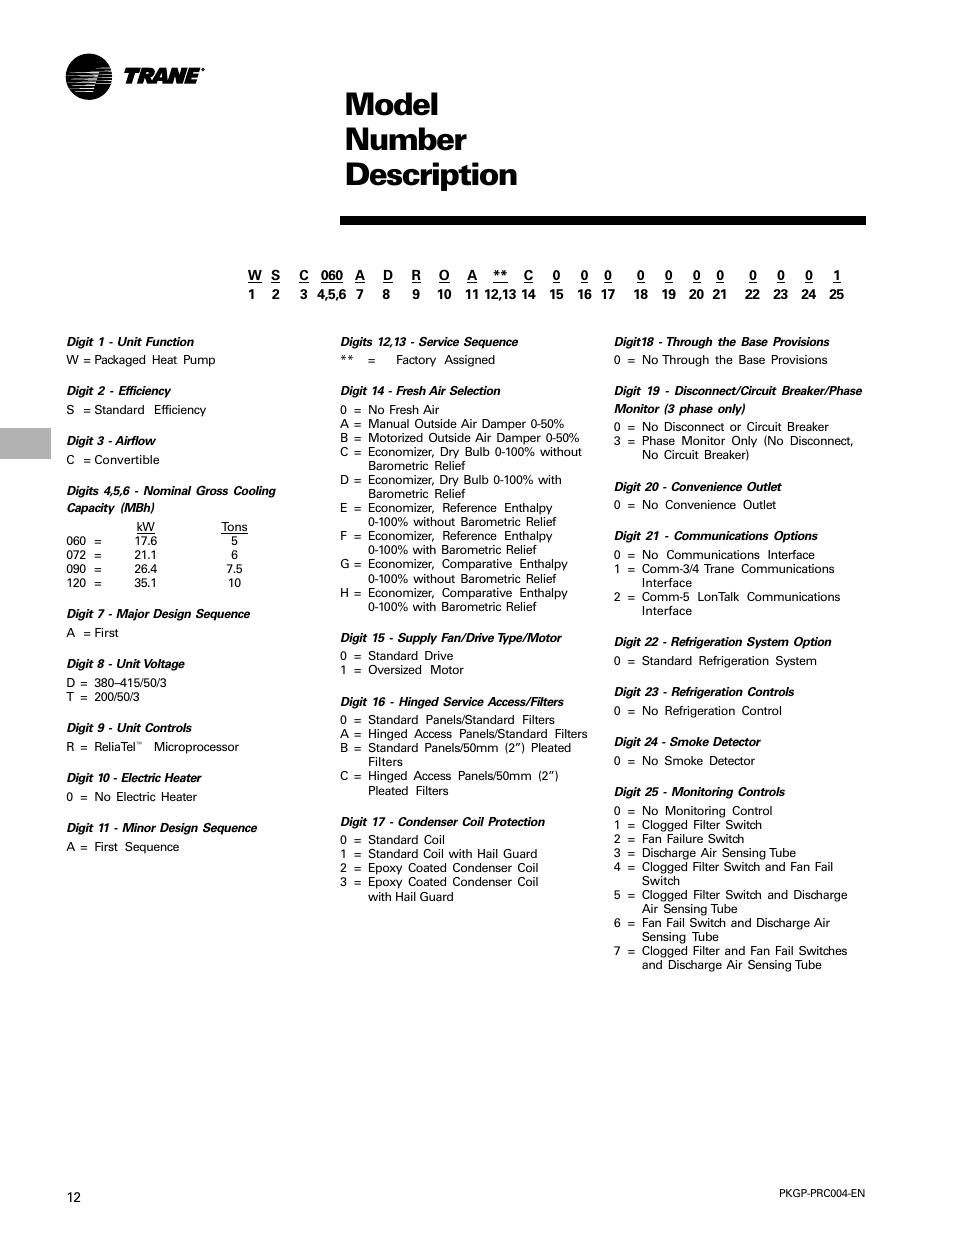 Model number description | Trane WSC060-120 User Manual | Page 12 / 52